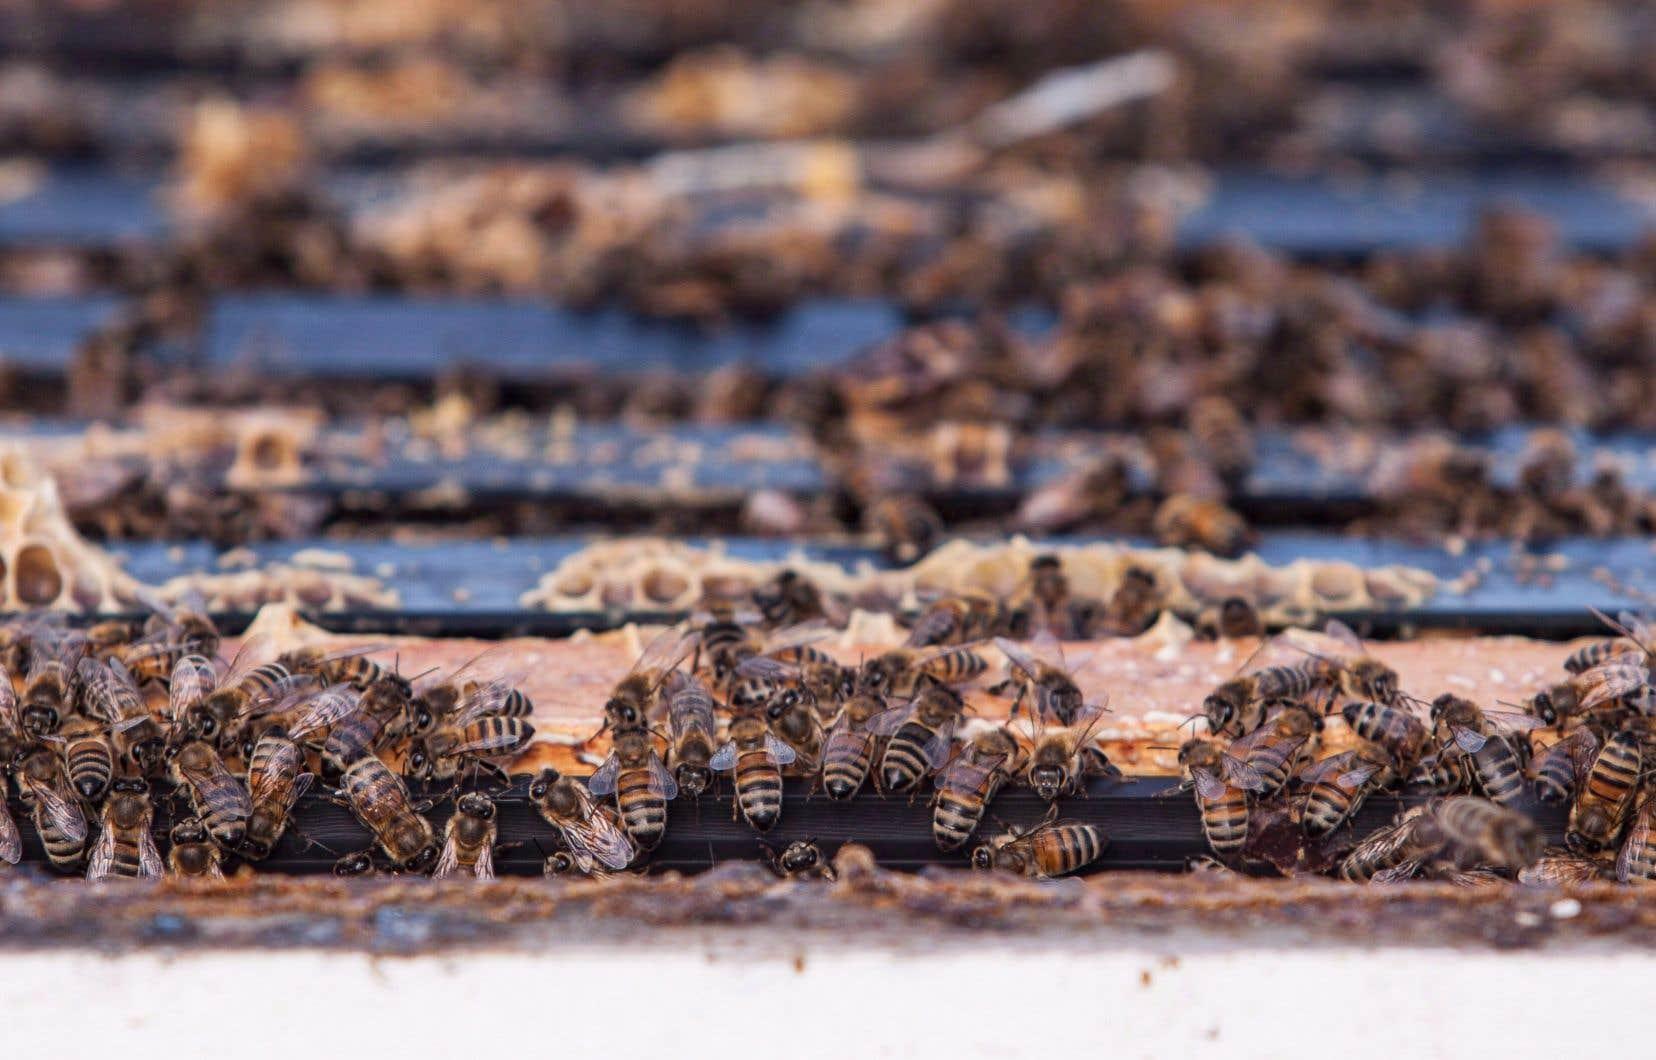 Il a été démontré que les néonicotinoïdes sont à l'origine d'une décimation des colonies d'abeilles.